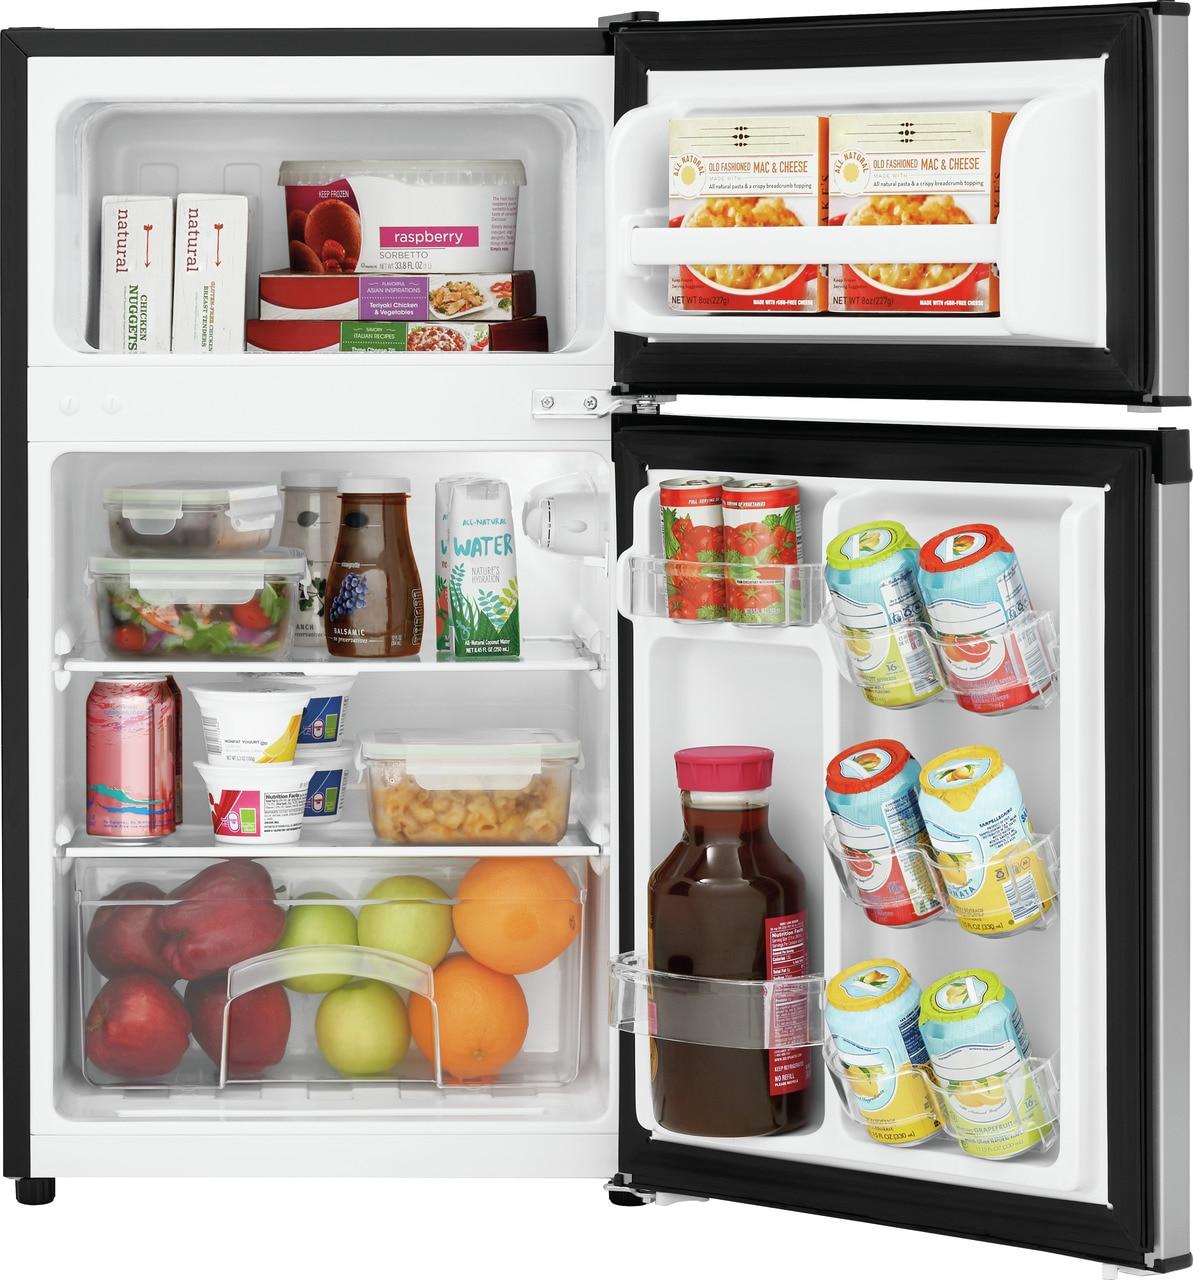 Model: FFPS3133UM | Frigidaire 3.1 Cu. Ft. Compact Refrigerator